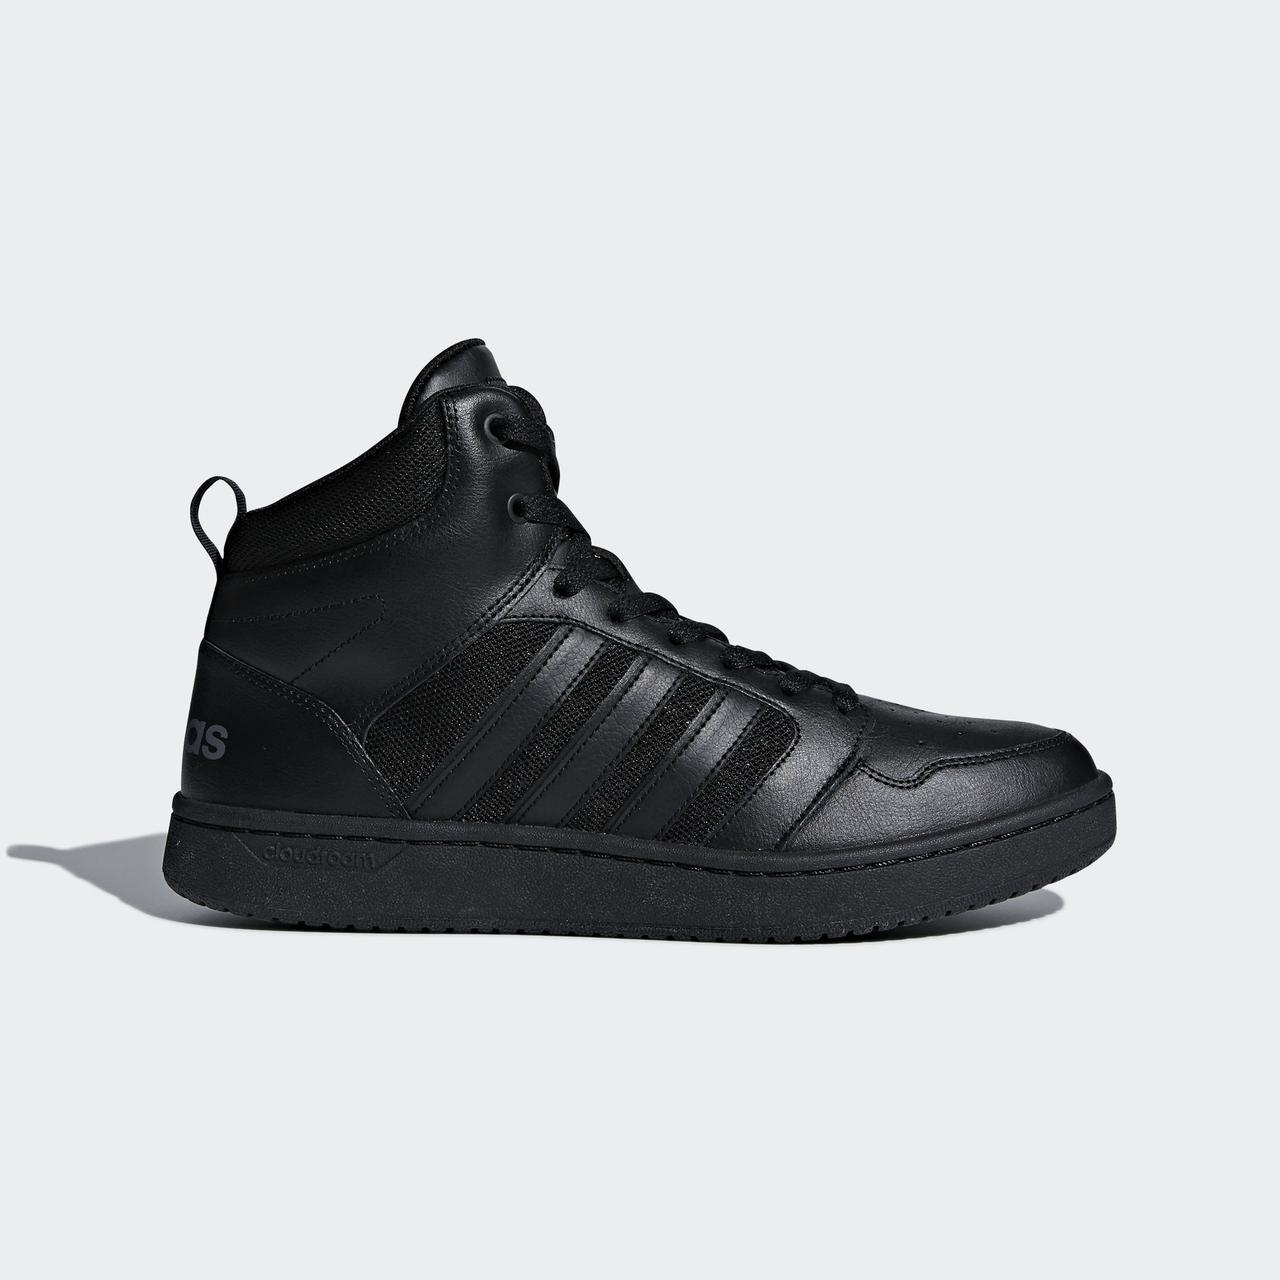 0629dd6e836b Мужские кроссовки Adidas Performance Cloudfoam Super Hoops (Артикул  DB0914)